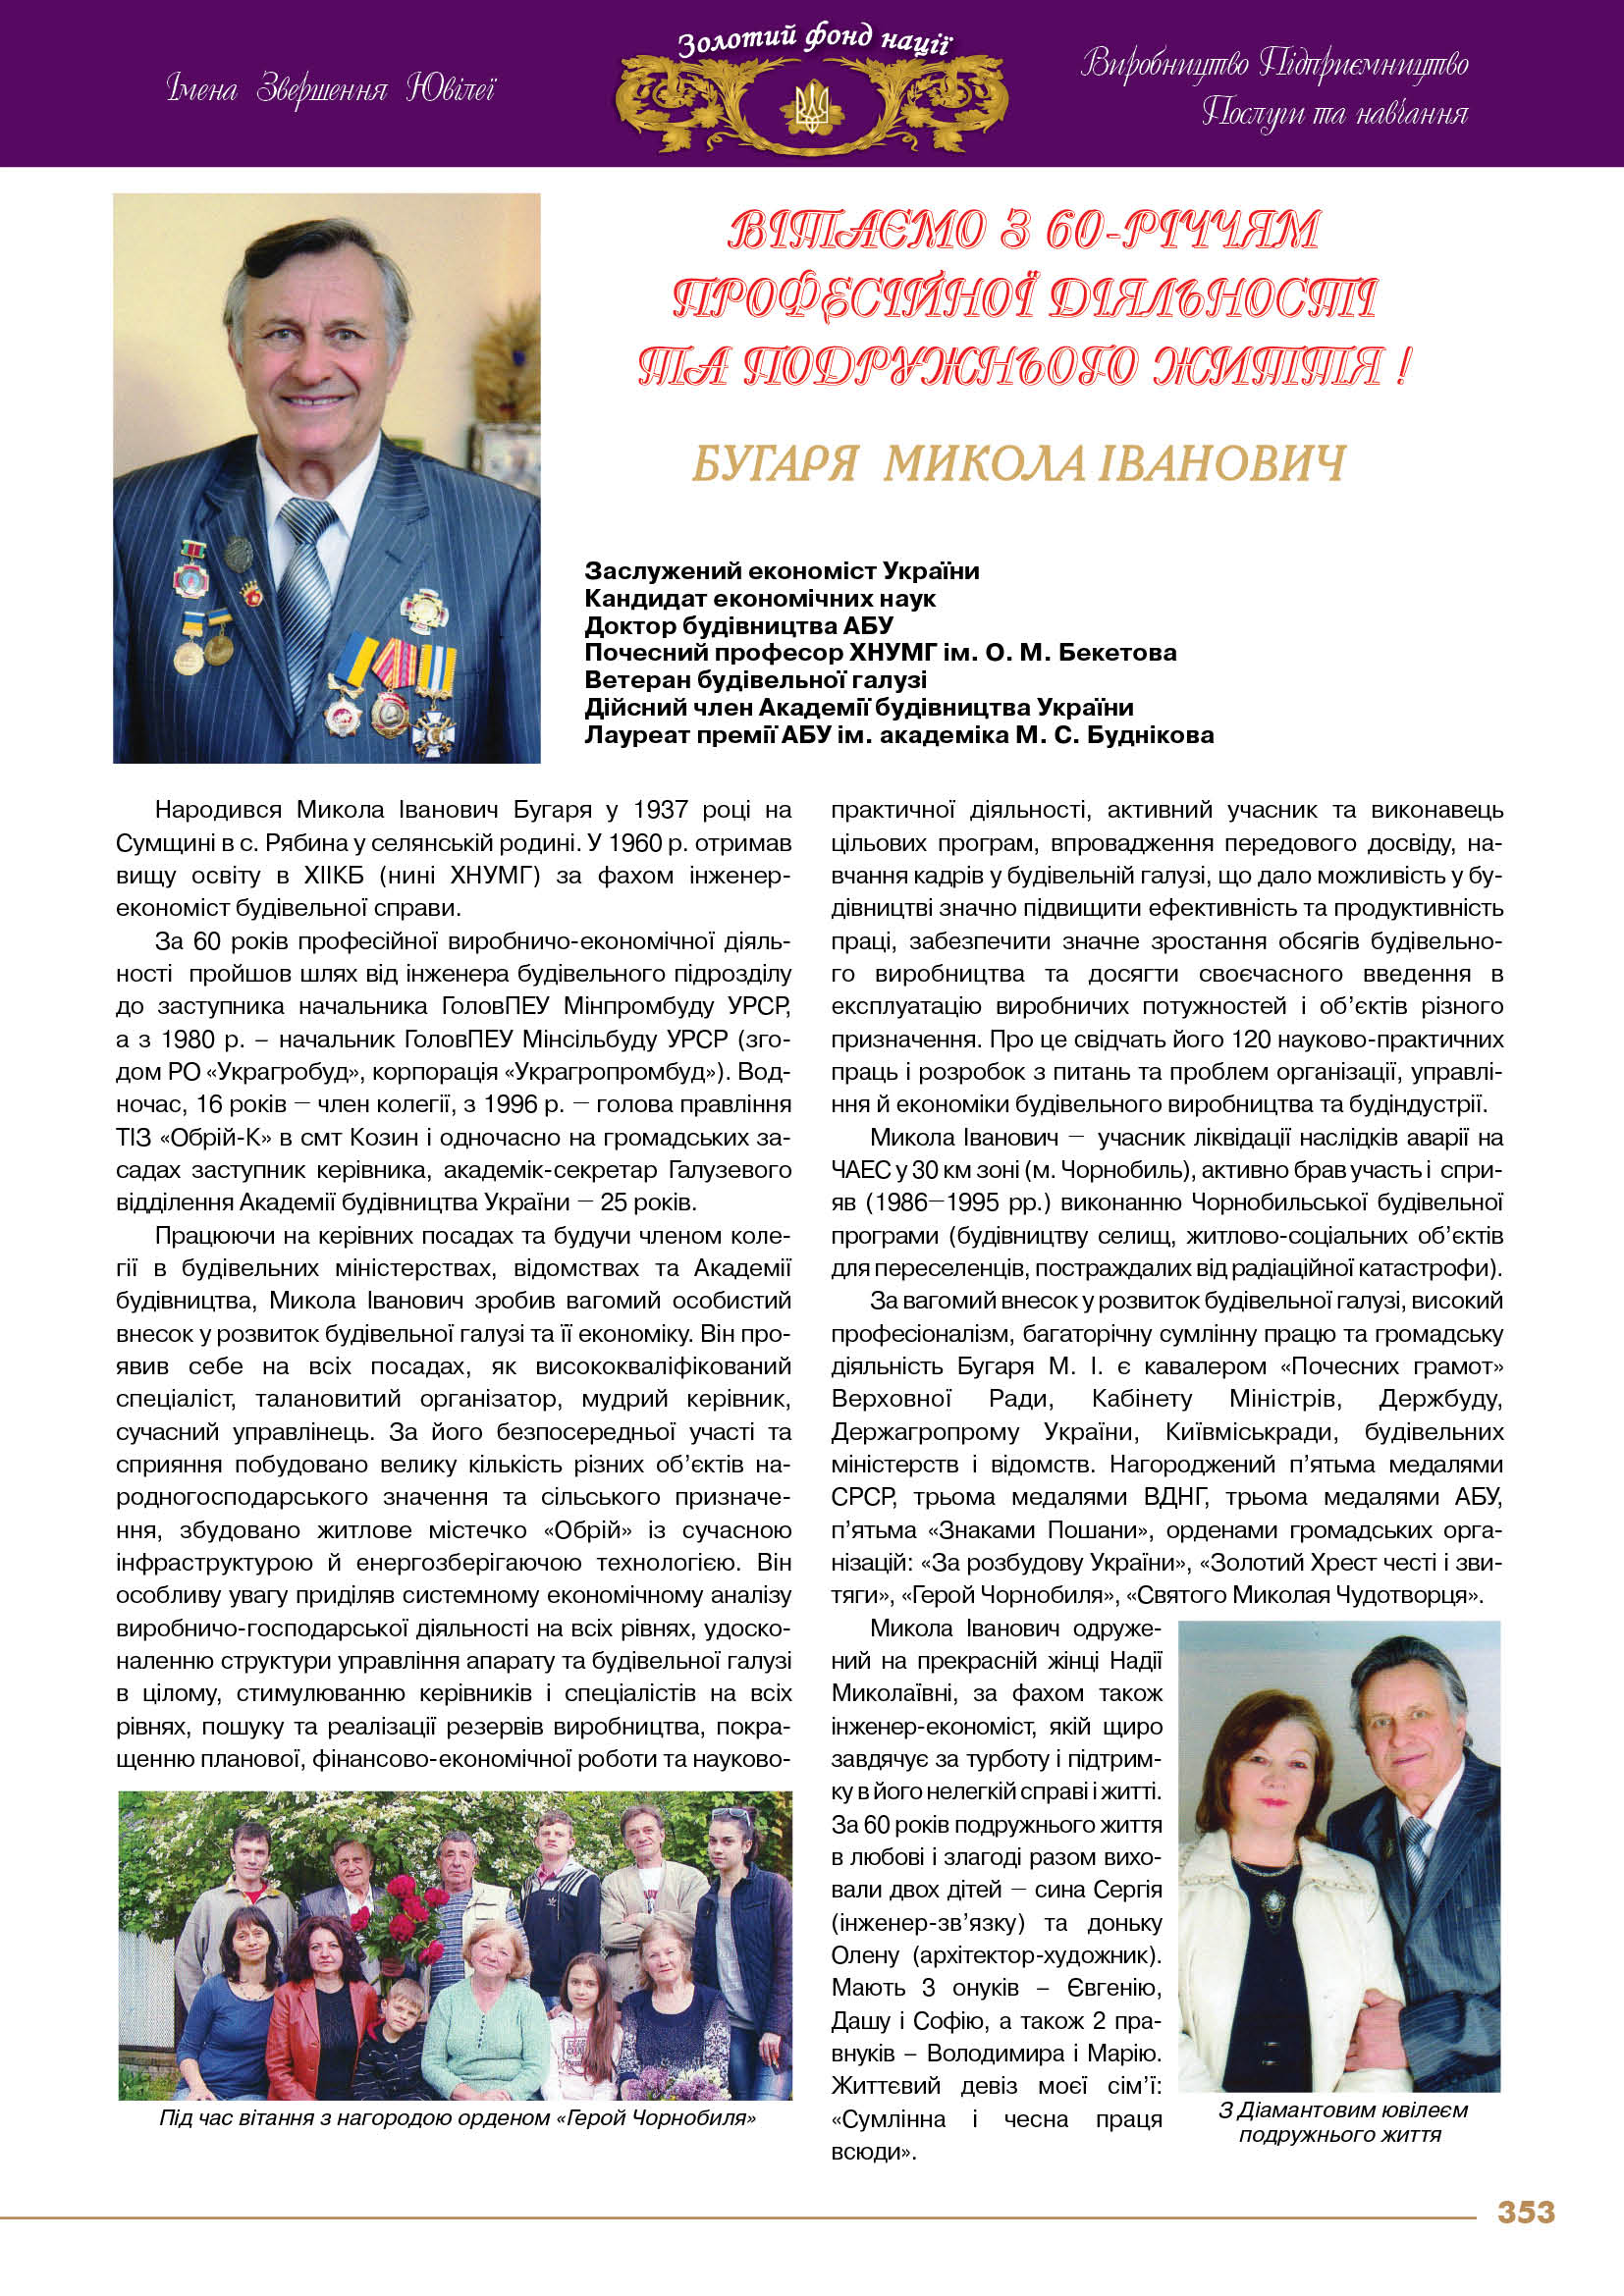 Бугаря Микола Іванович